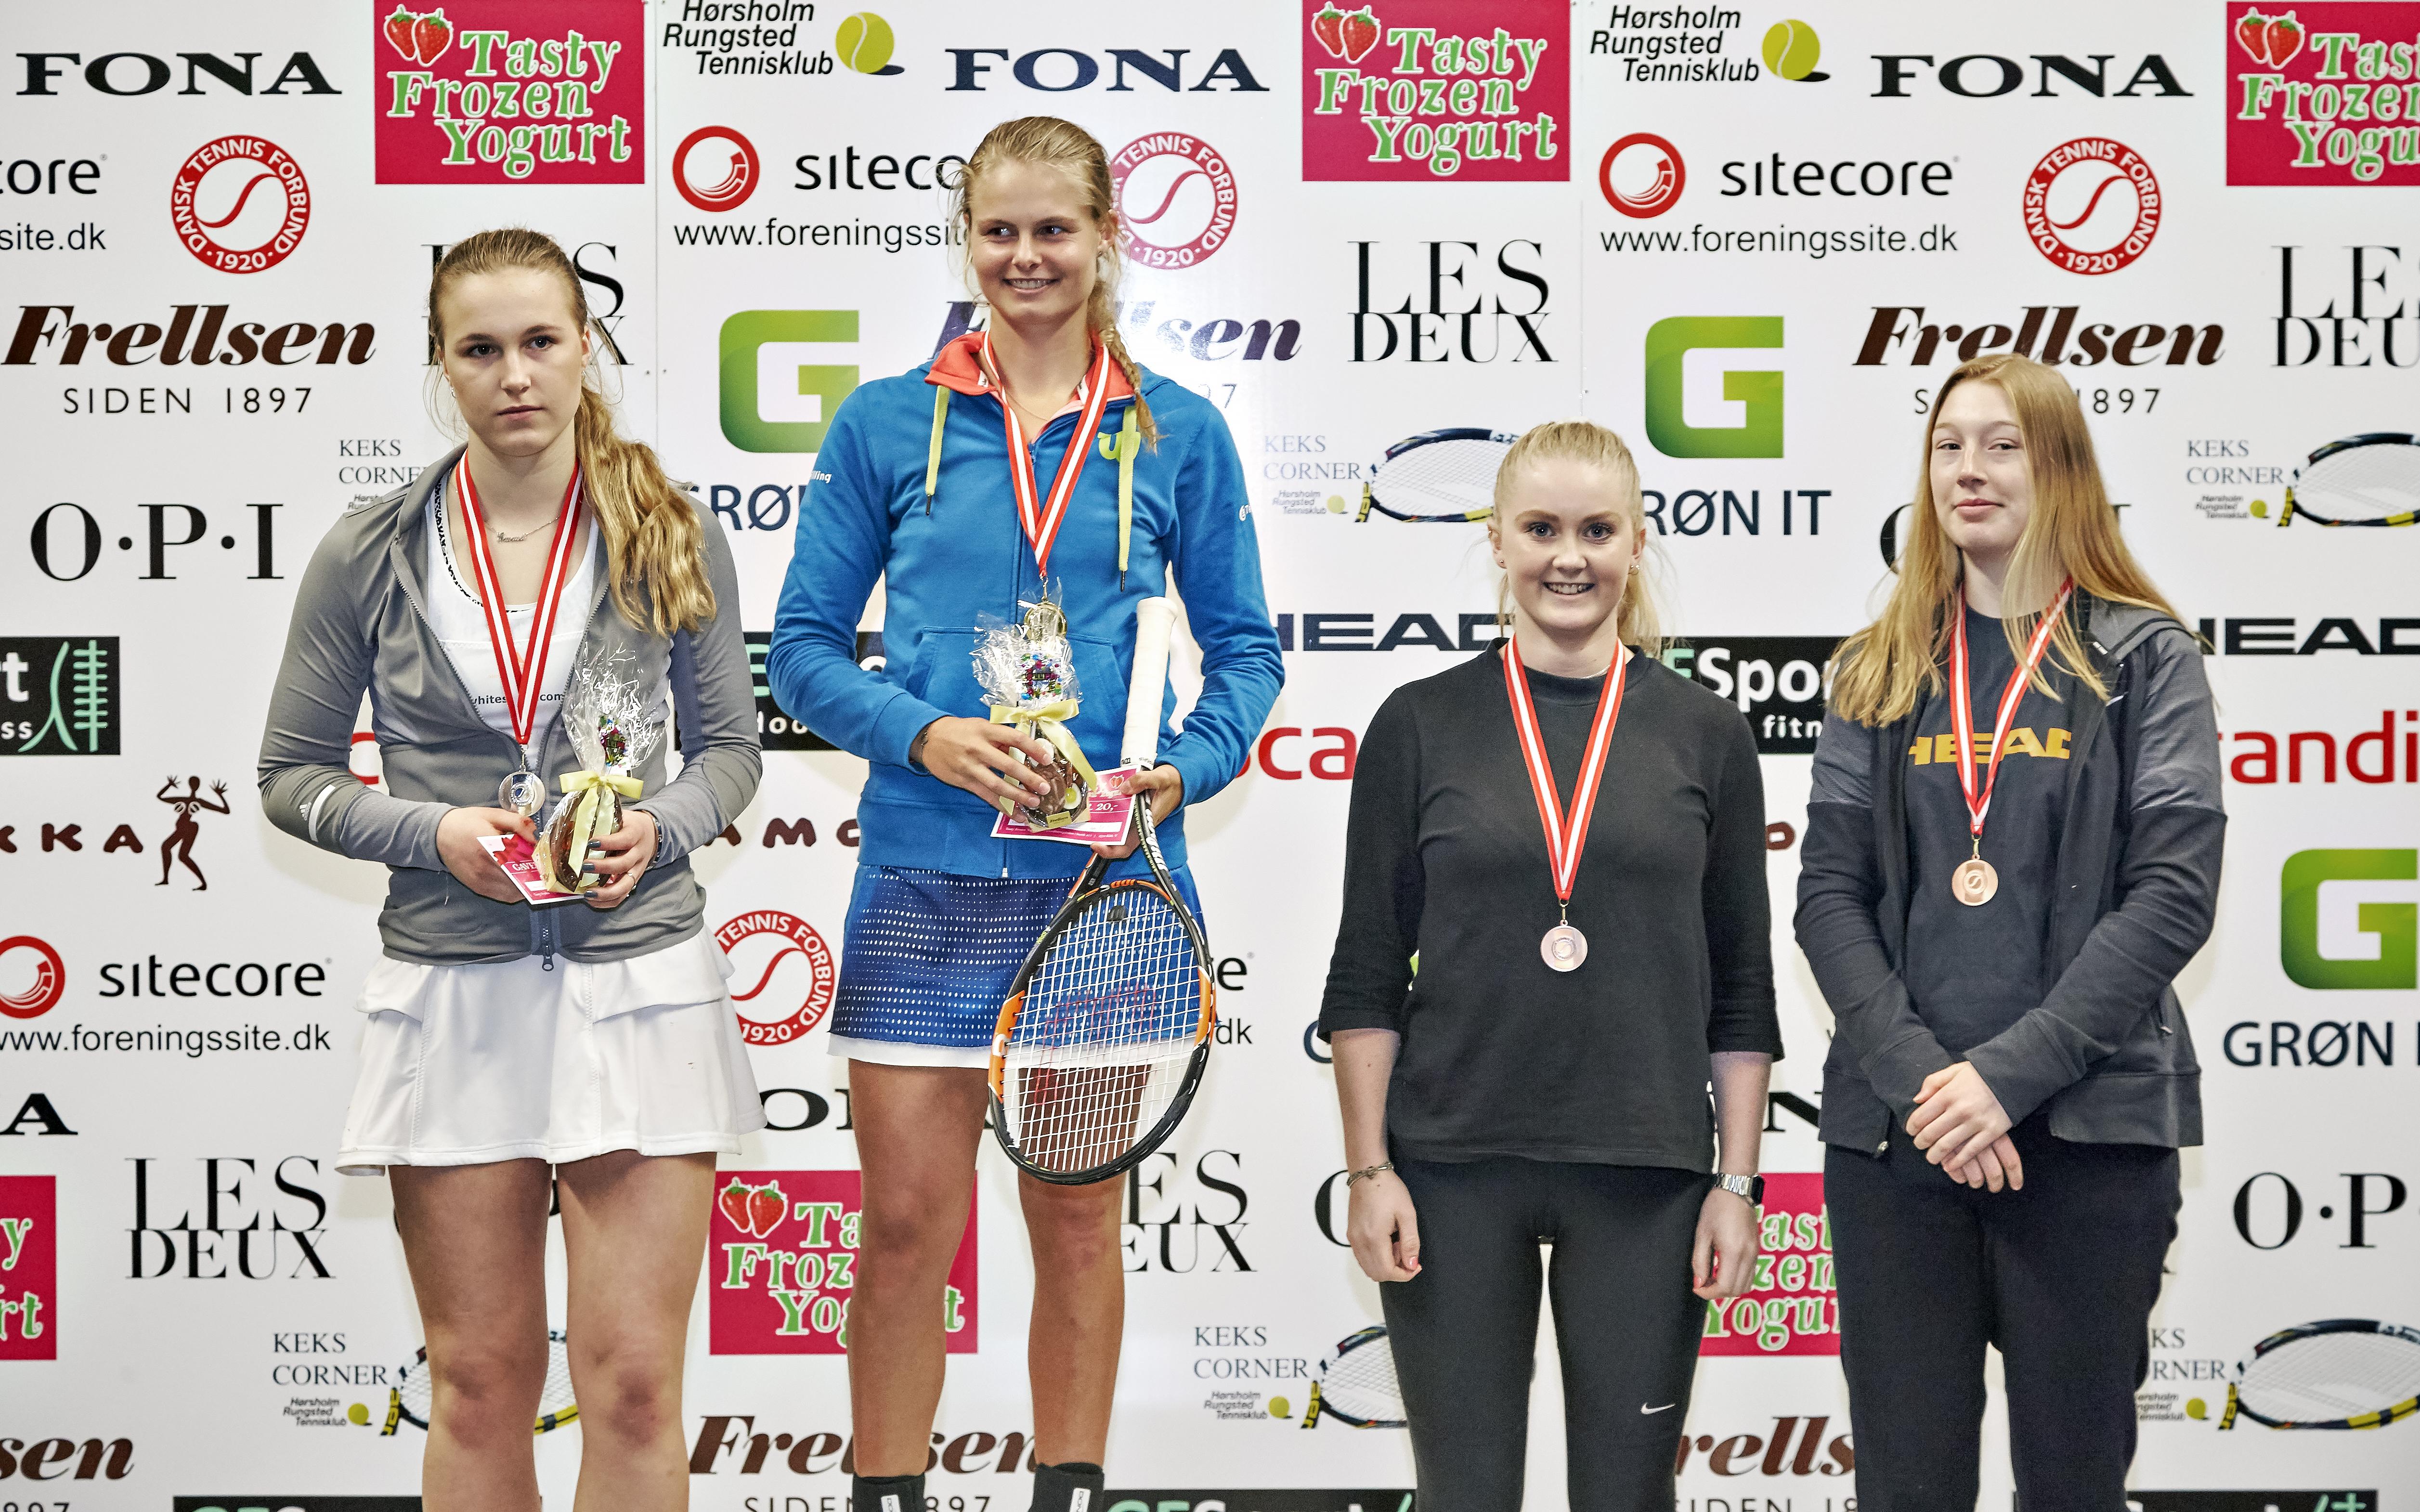 Emma Rønholt, Frederikke Svarre, Mia Schmidt Jørgensen, Sidsel Dahl Pehrseon